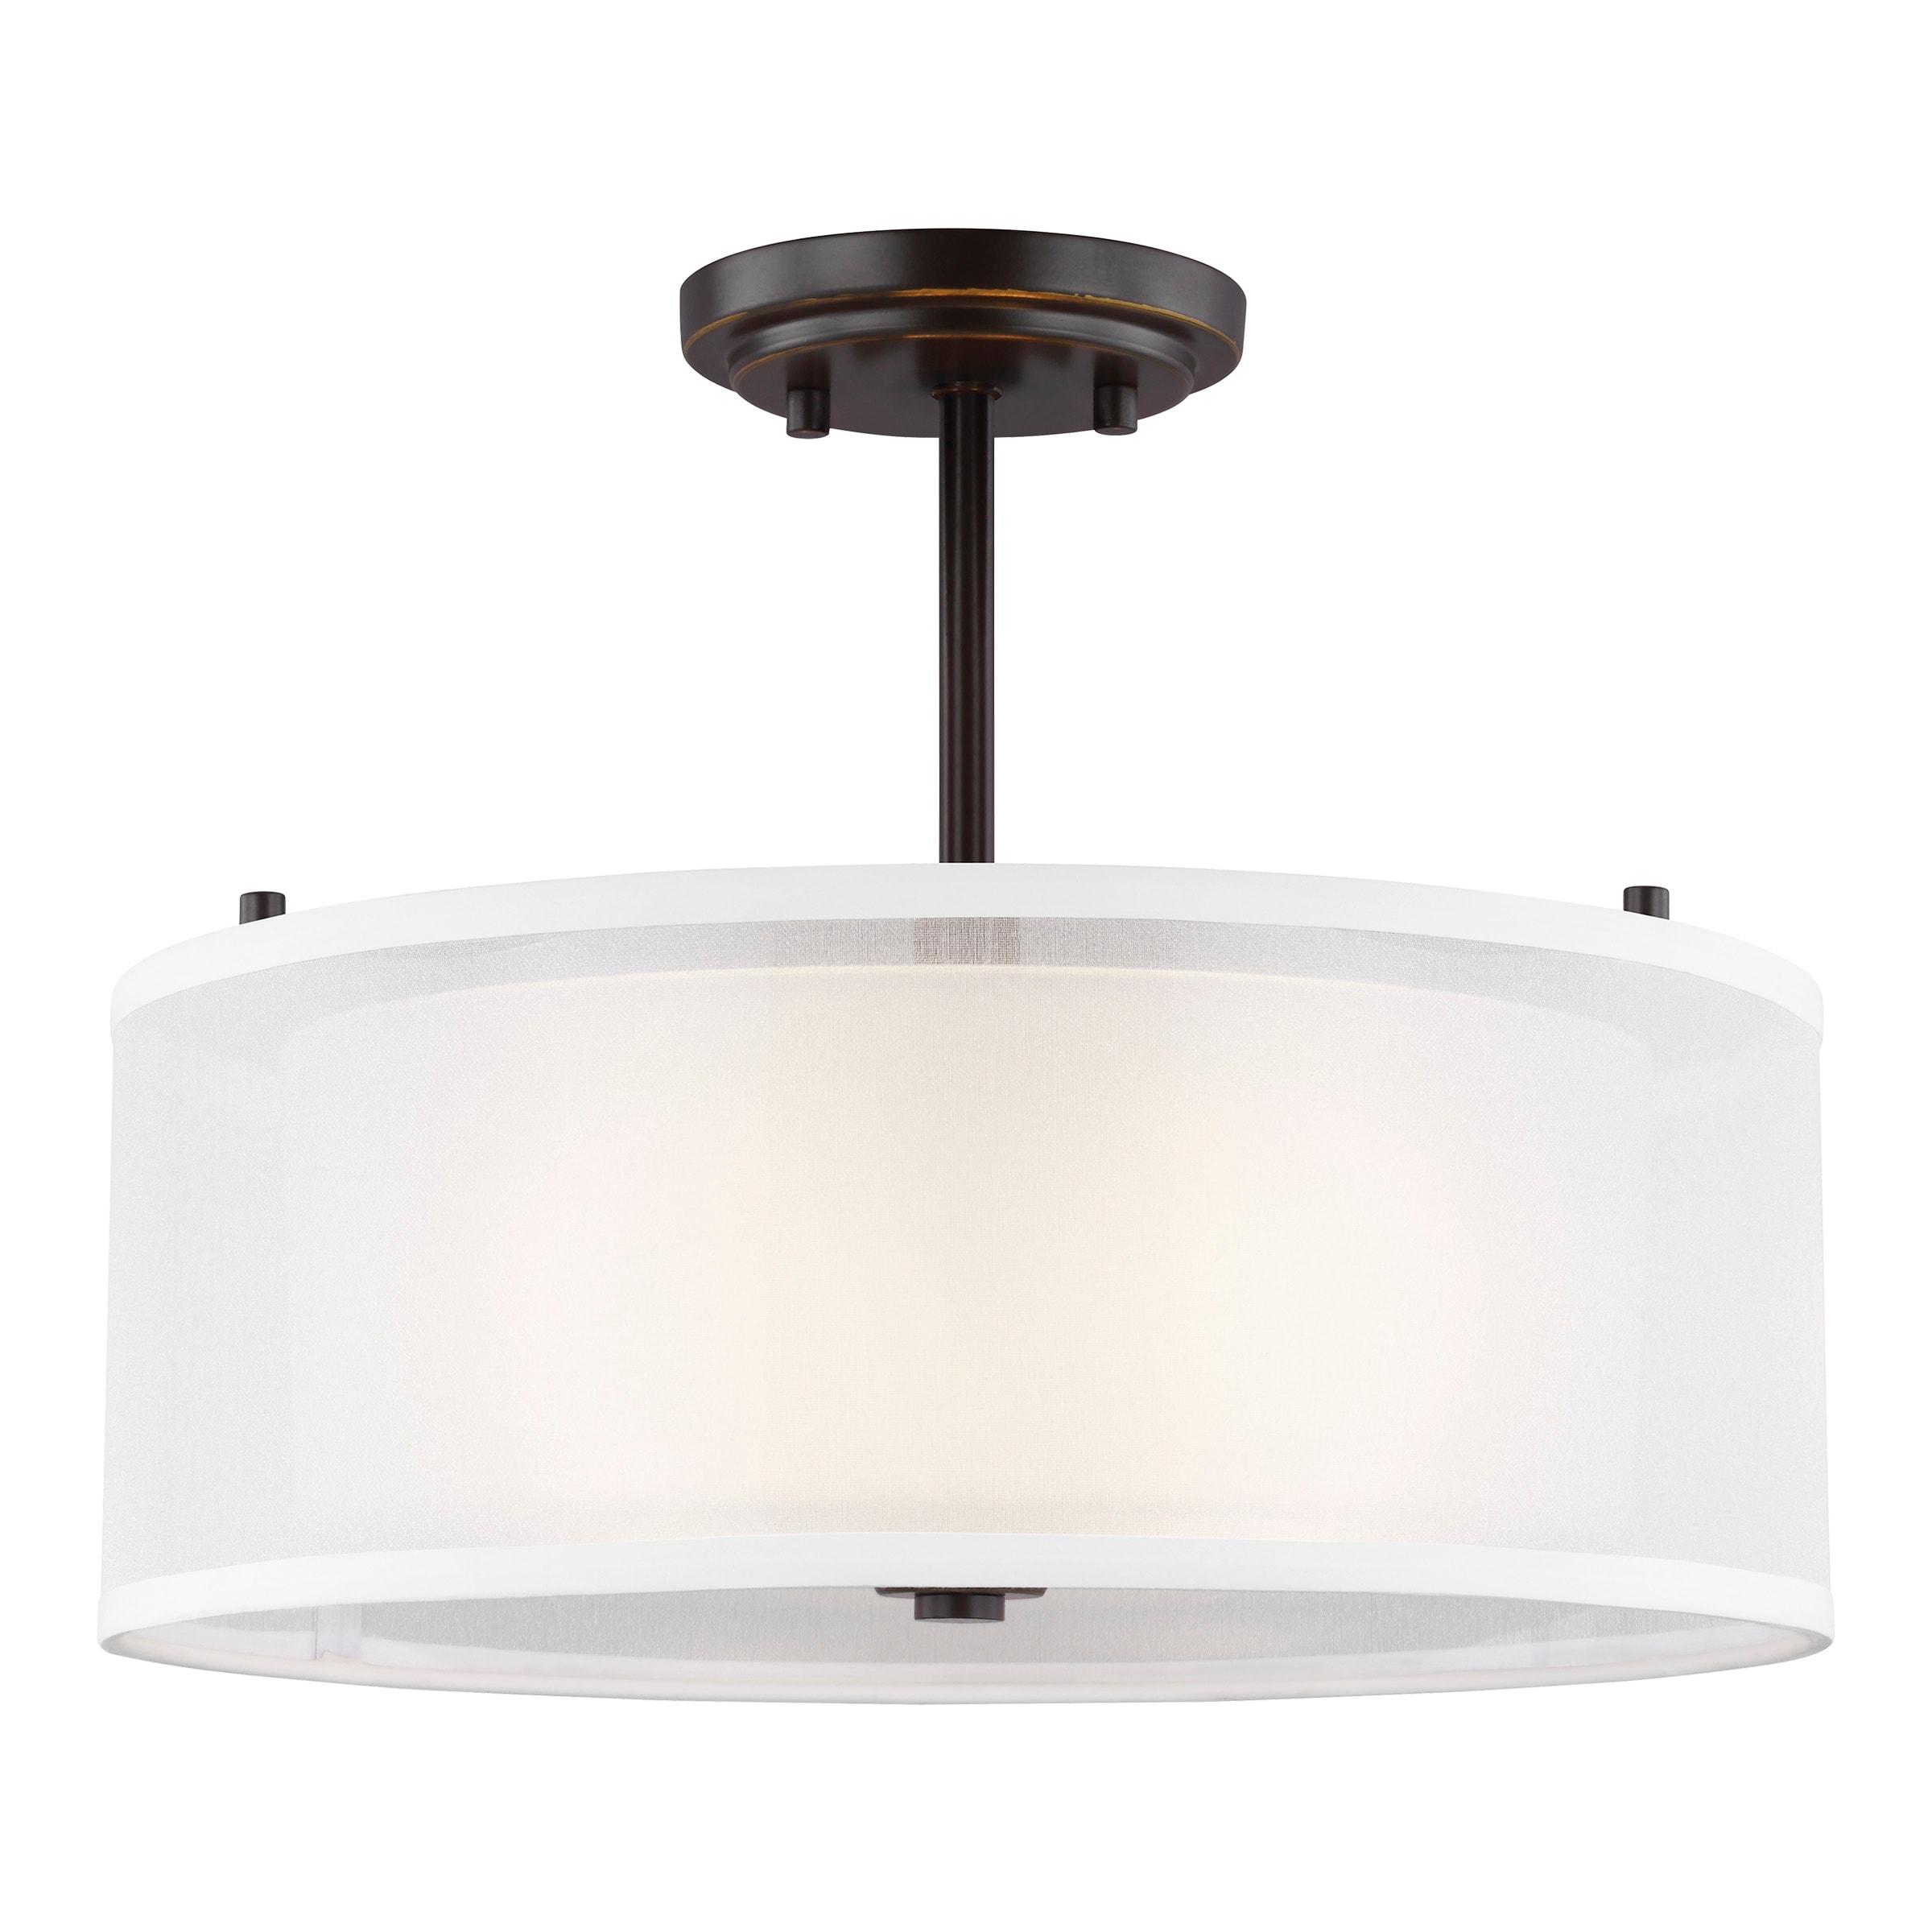 Sea Gull Lighting 7737302en3